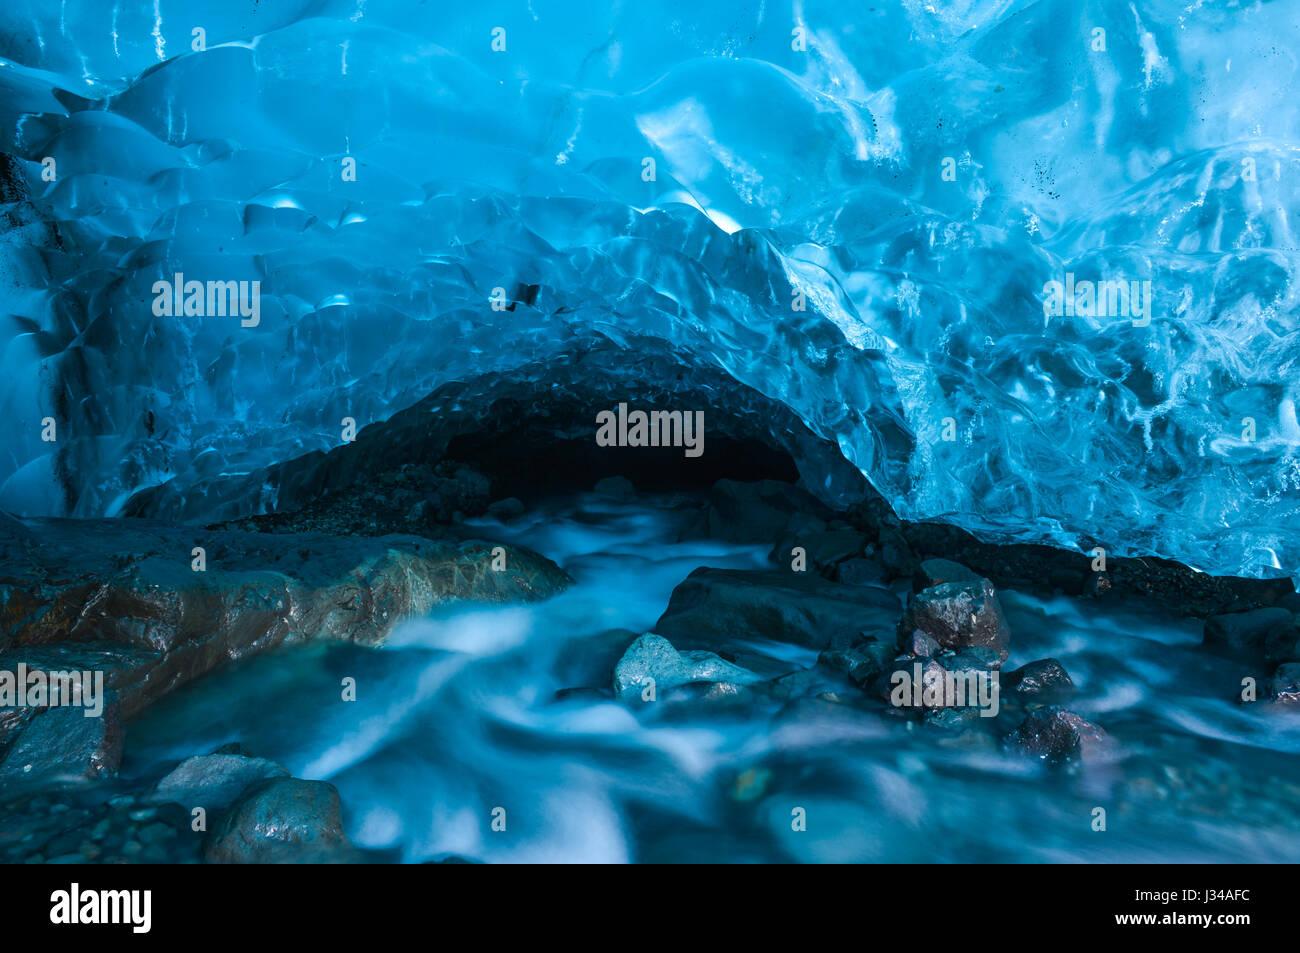 Eine Eishöhle gebildet unter dem Vatnajökull-Gletscher (eines der größten Gletscher der Welt) Stockbild